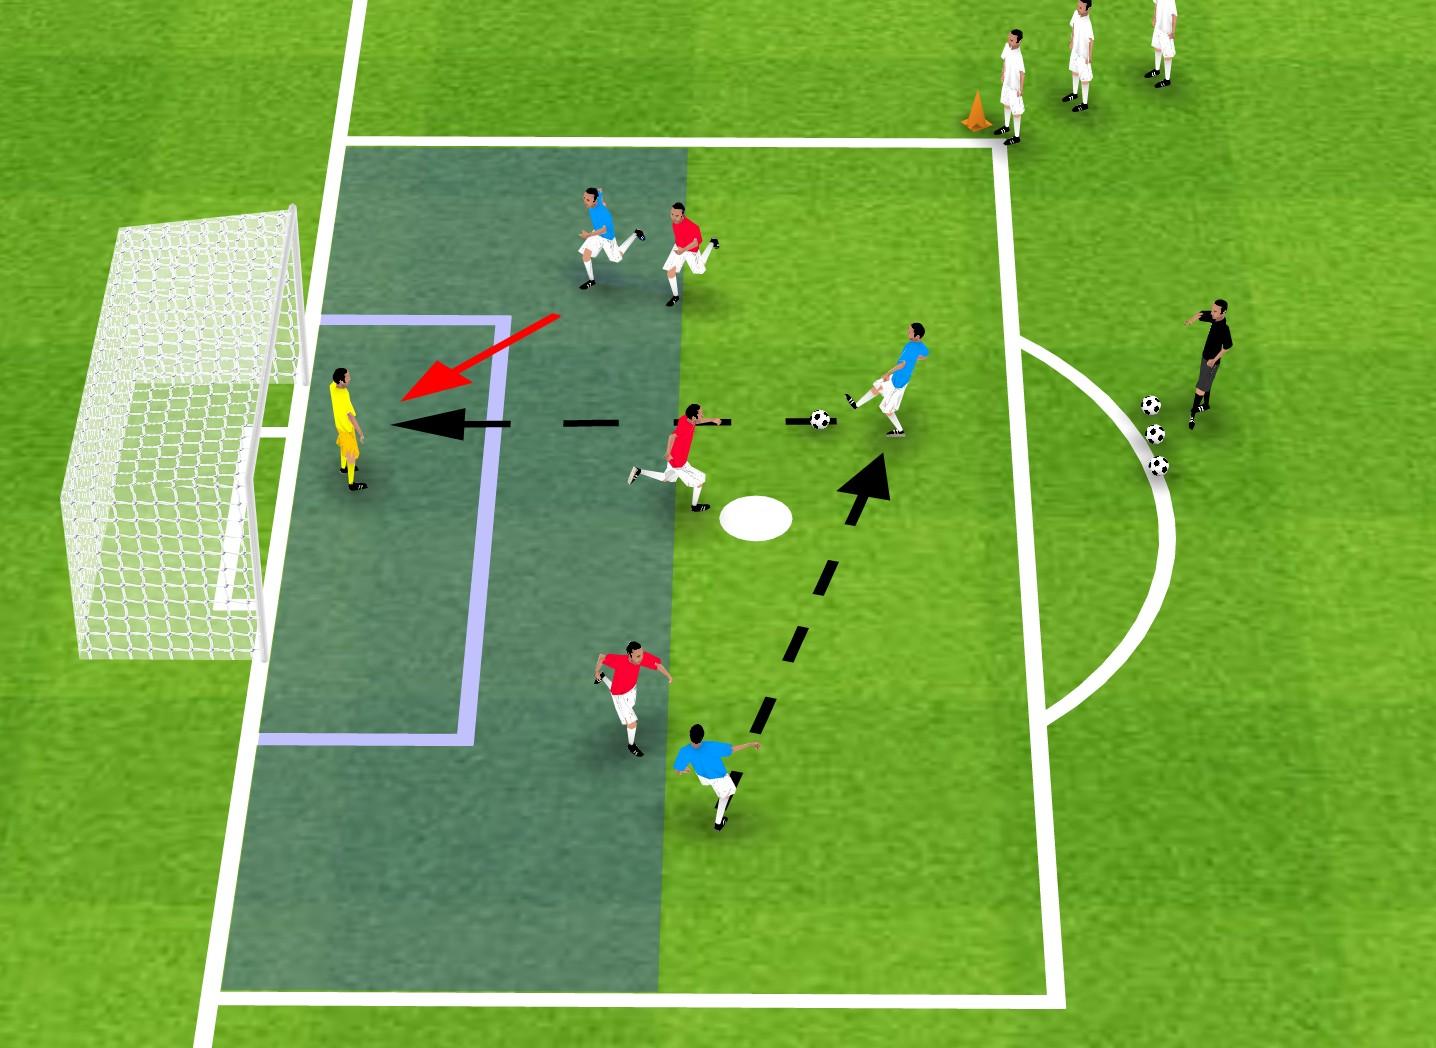 足球教案:迅速提高球员配合射门能力的训练方法